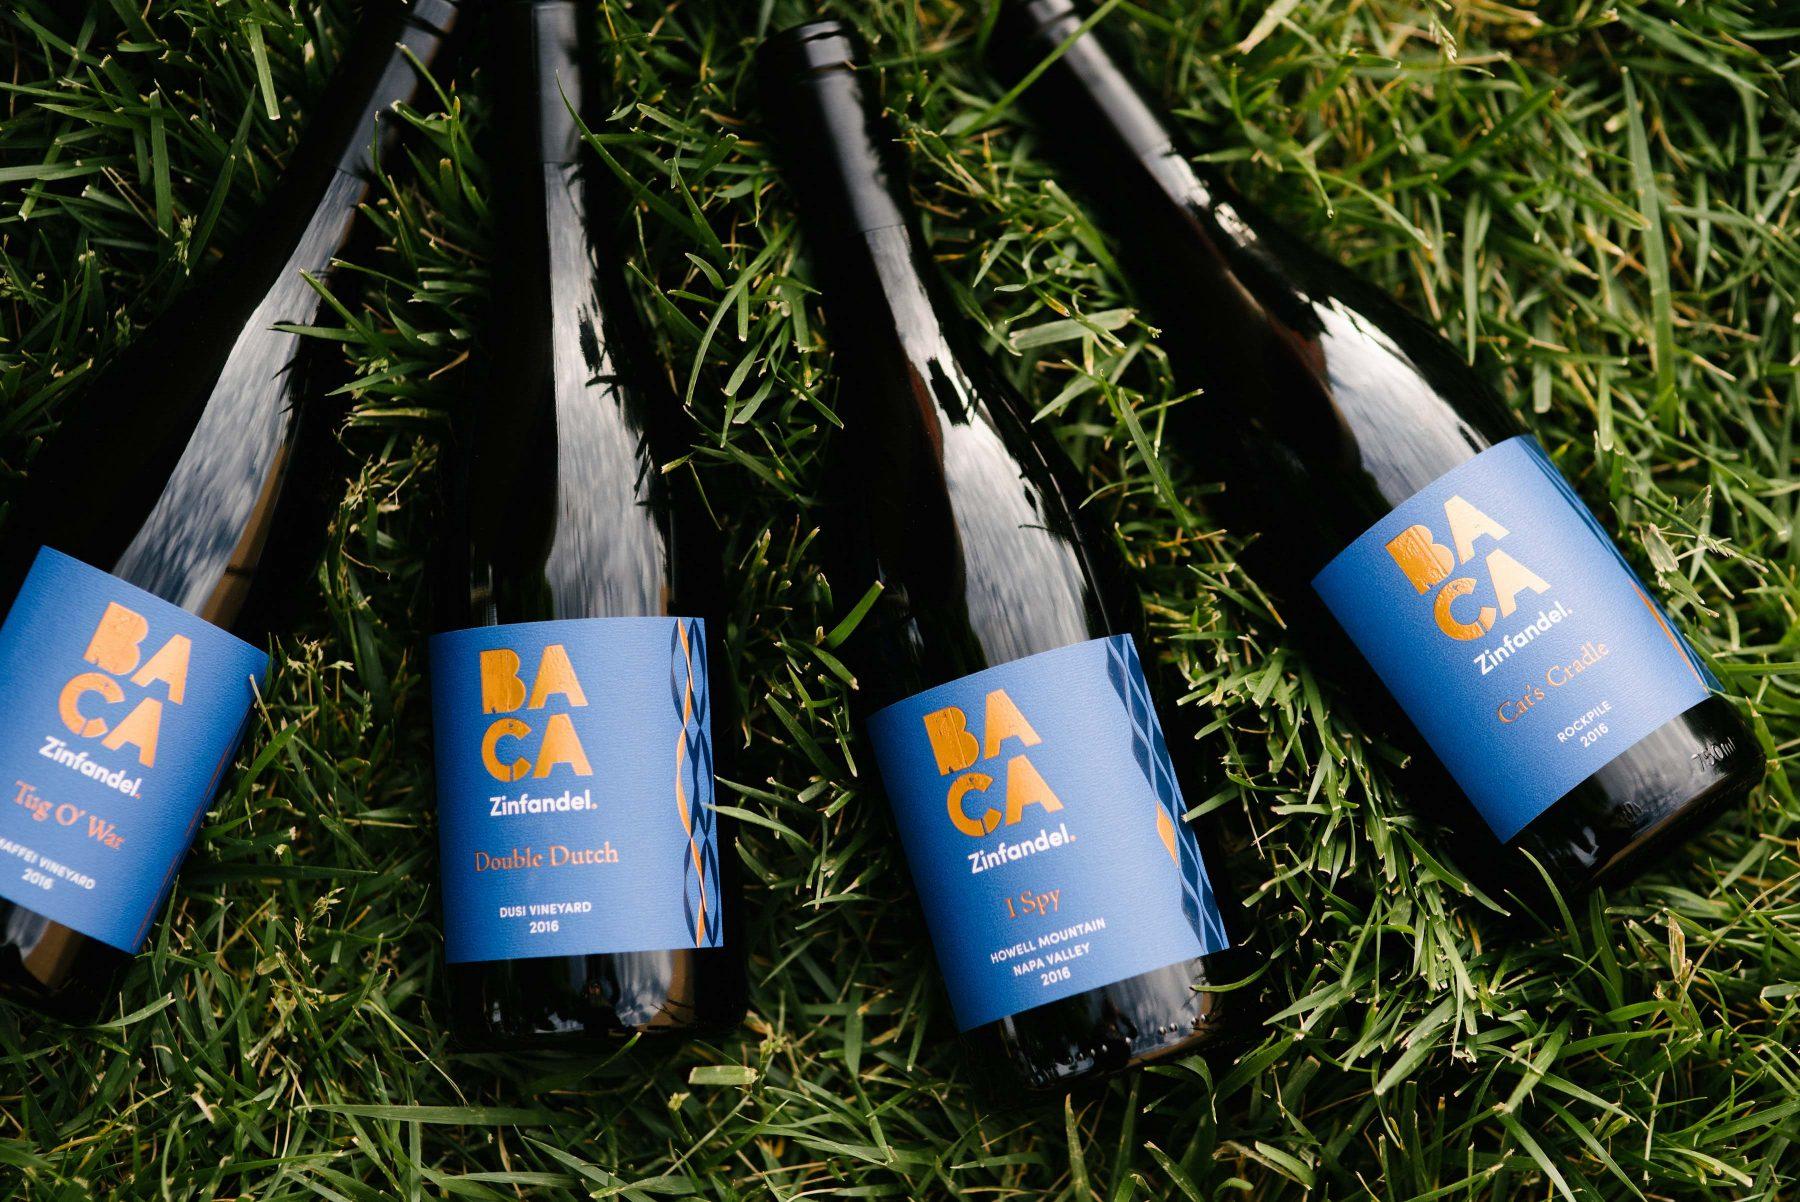 BACA Wines Zinfandel Release